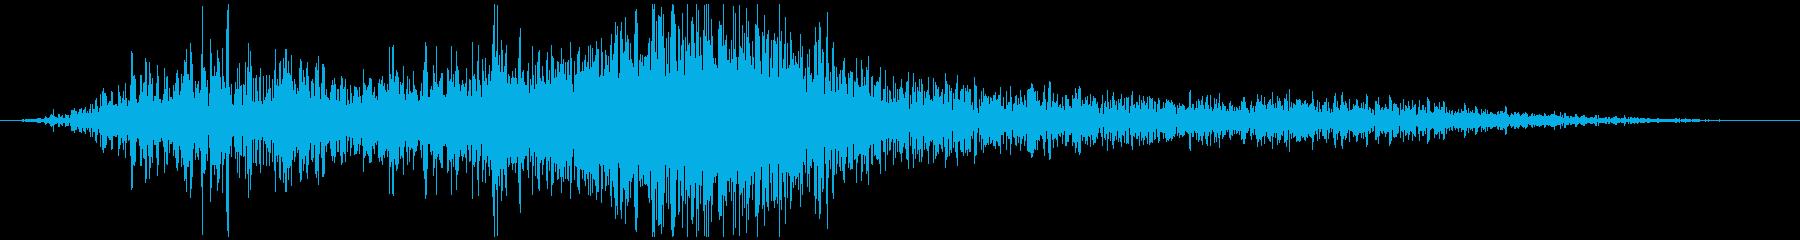 自動車通過音(右から左)の再生済みの波形